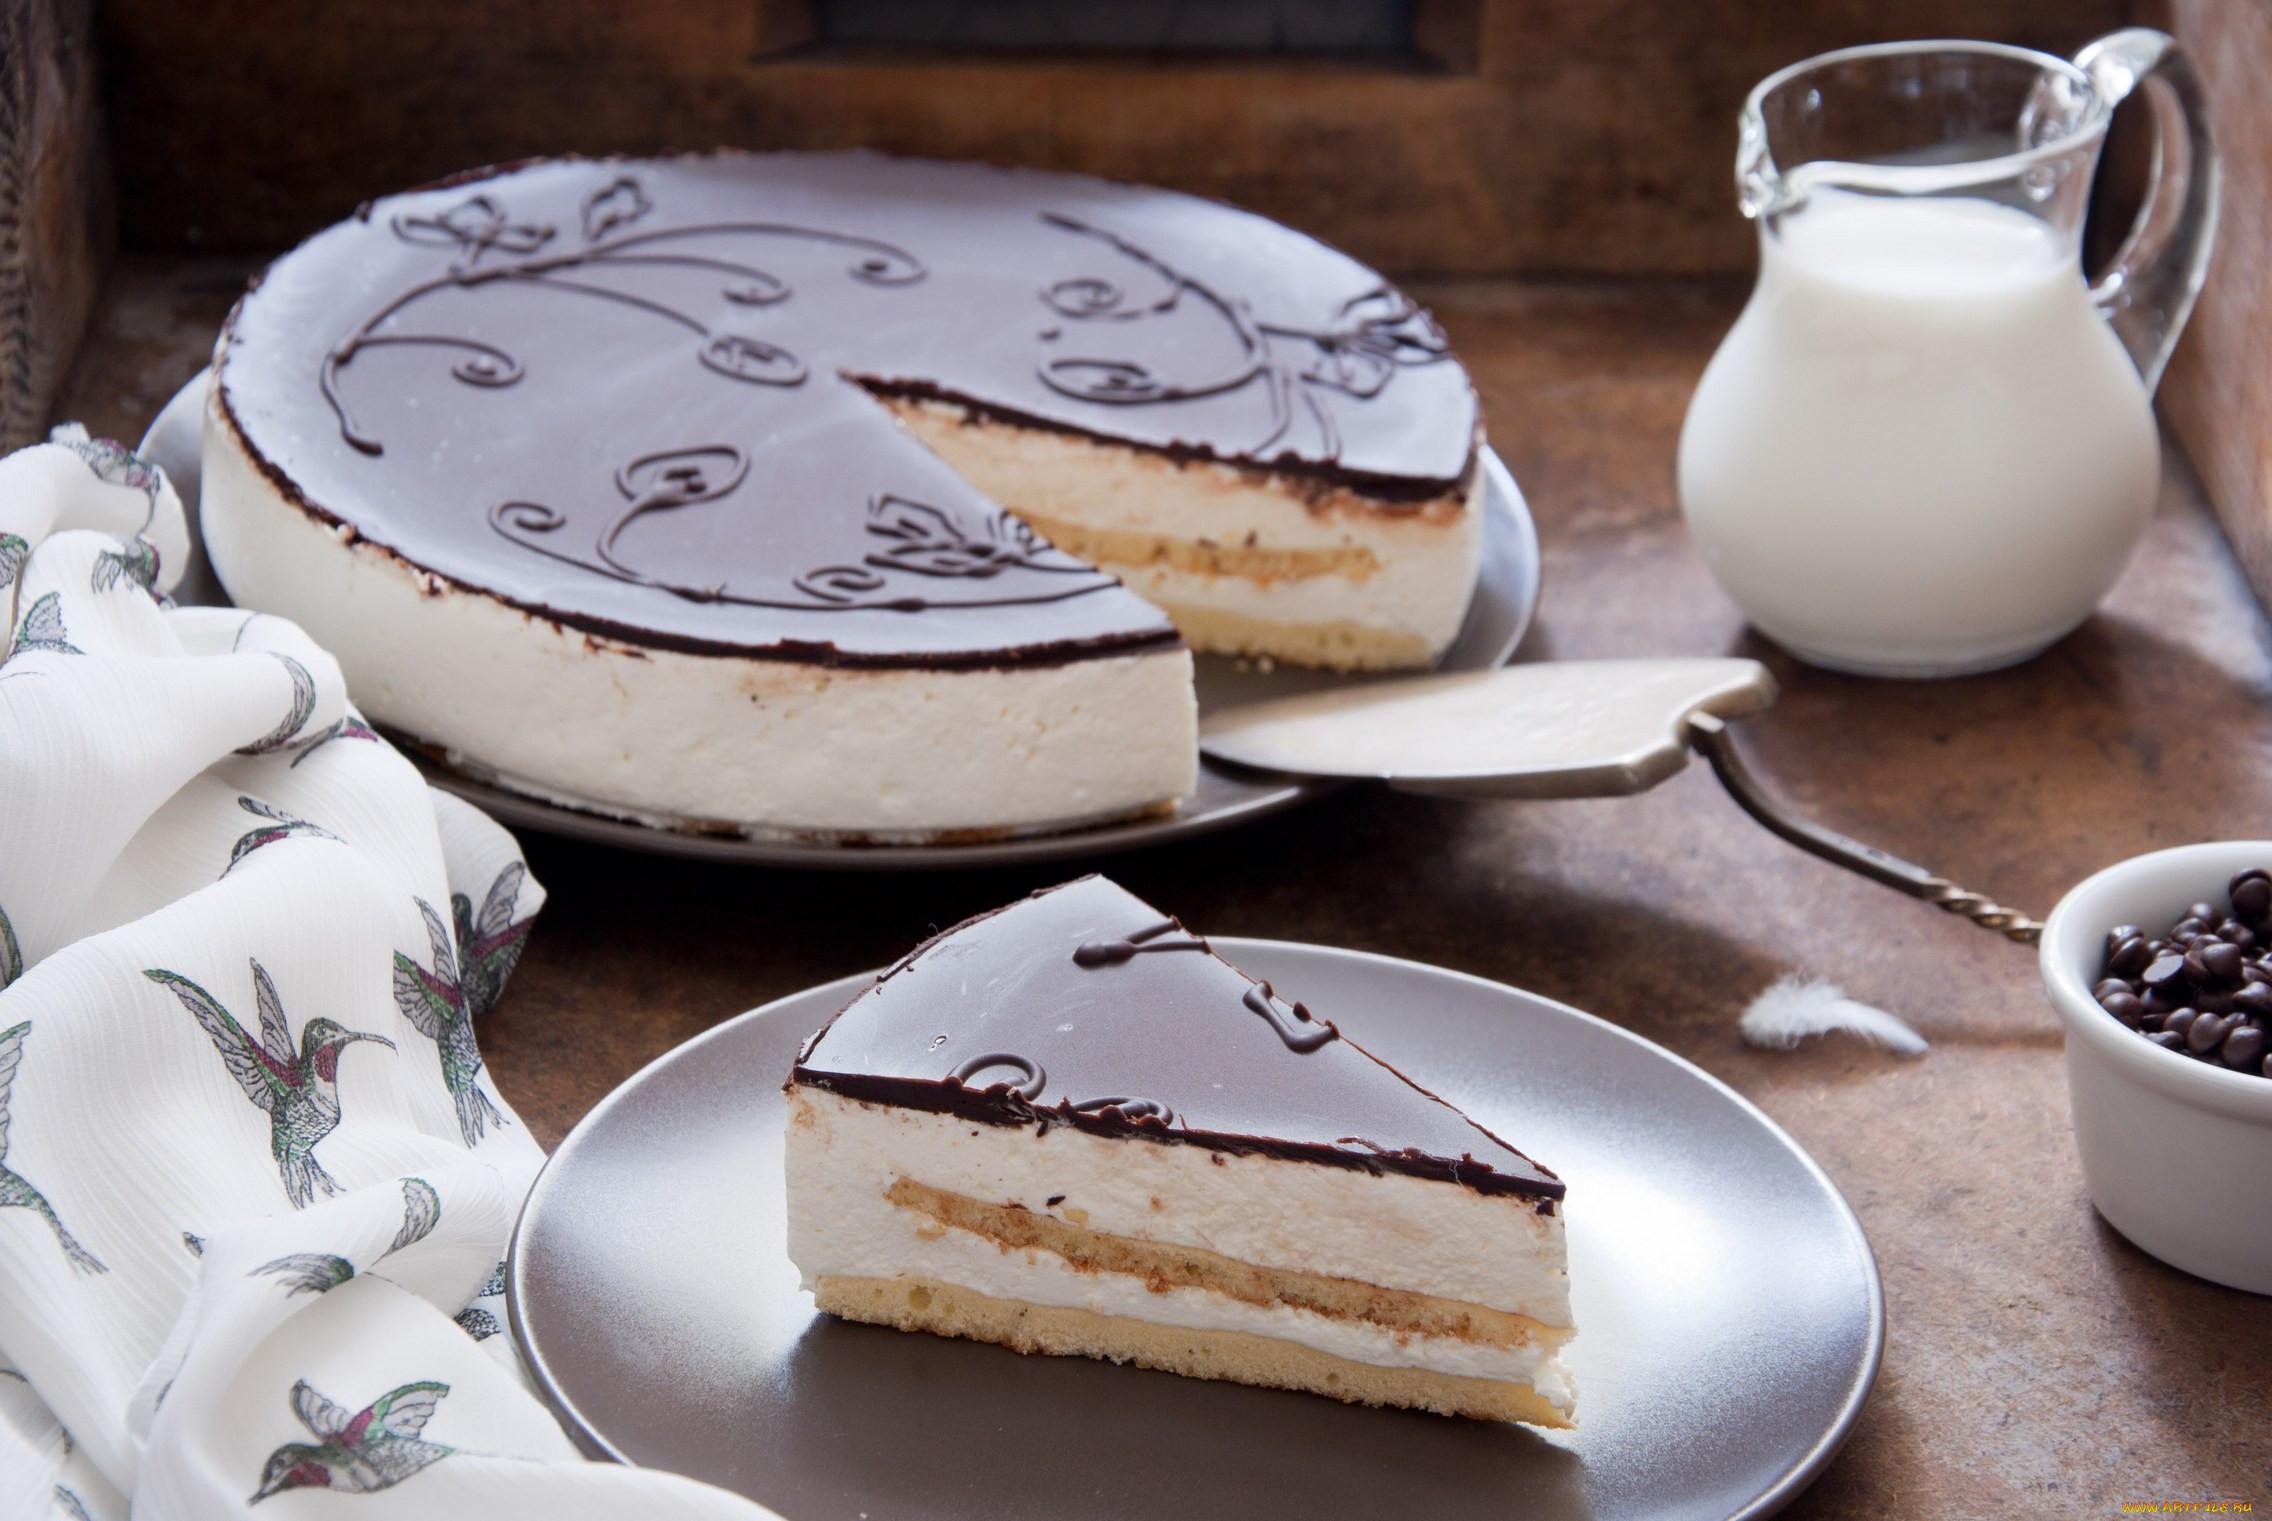 мудрено, что торт пташине молоко рецепт фото критерии выполняются, заявление